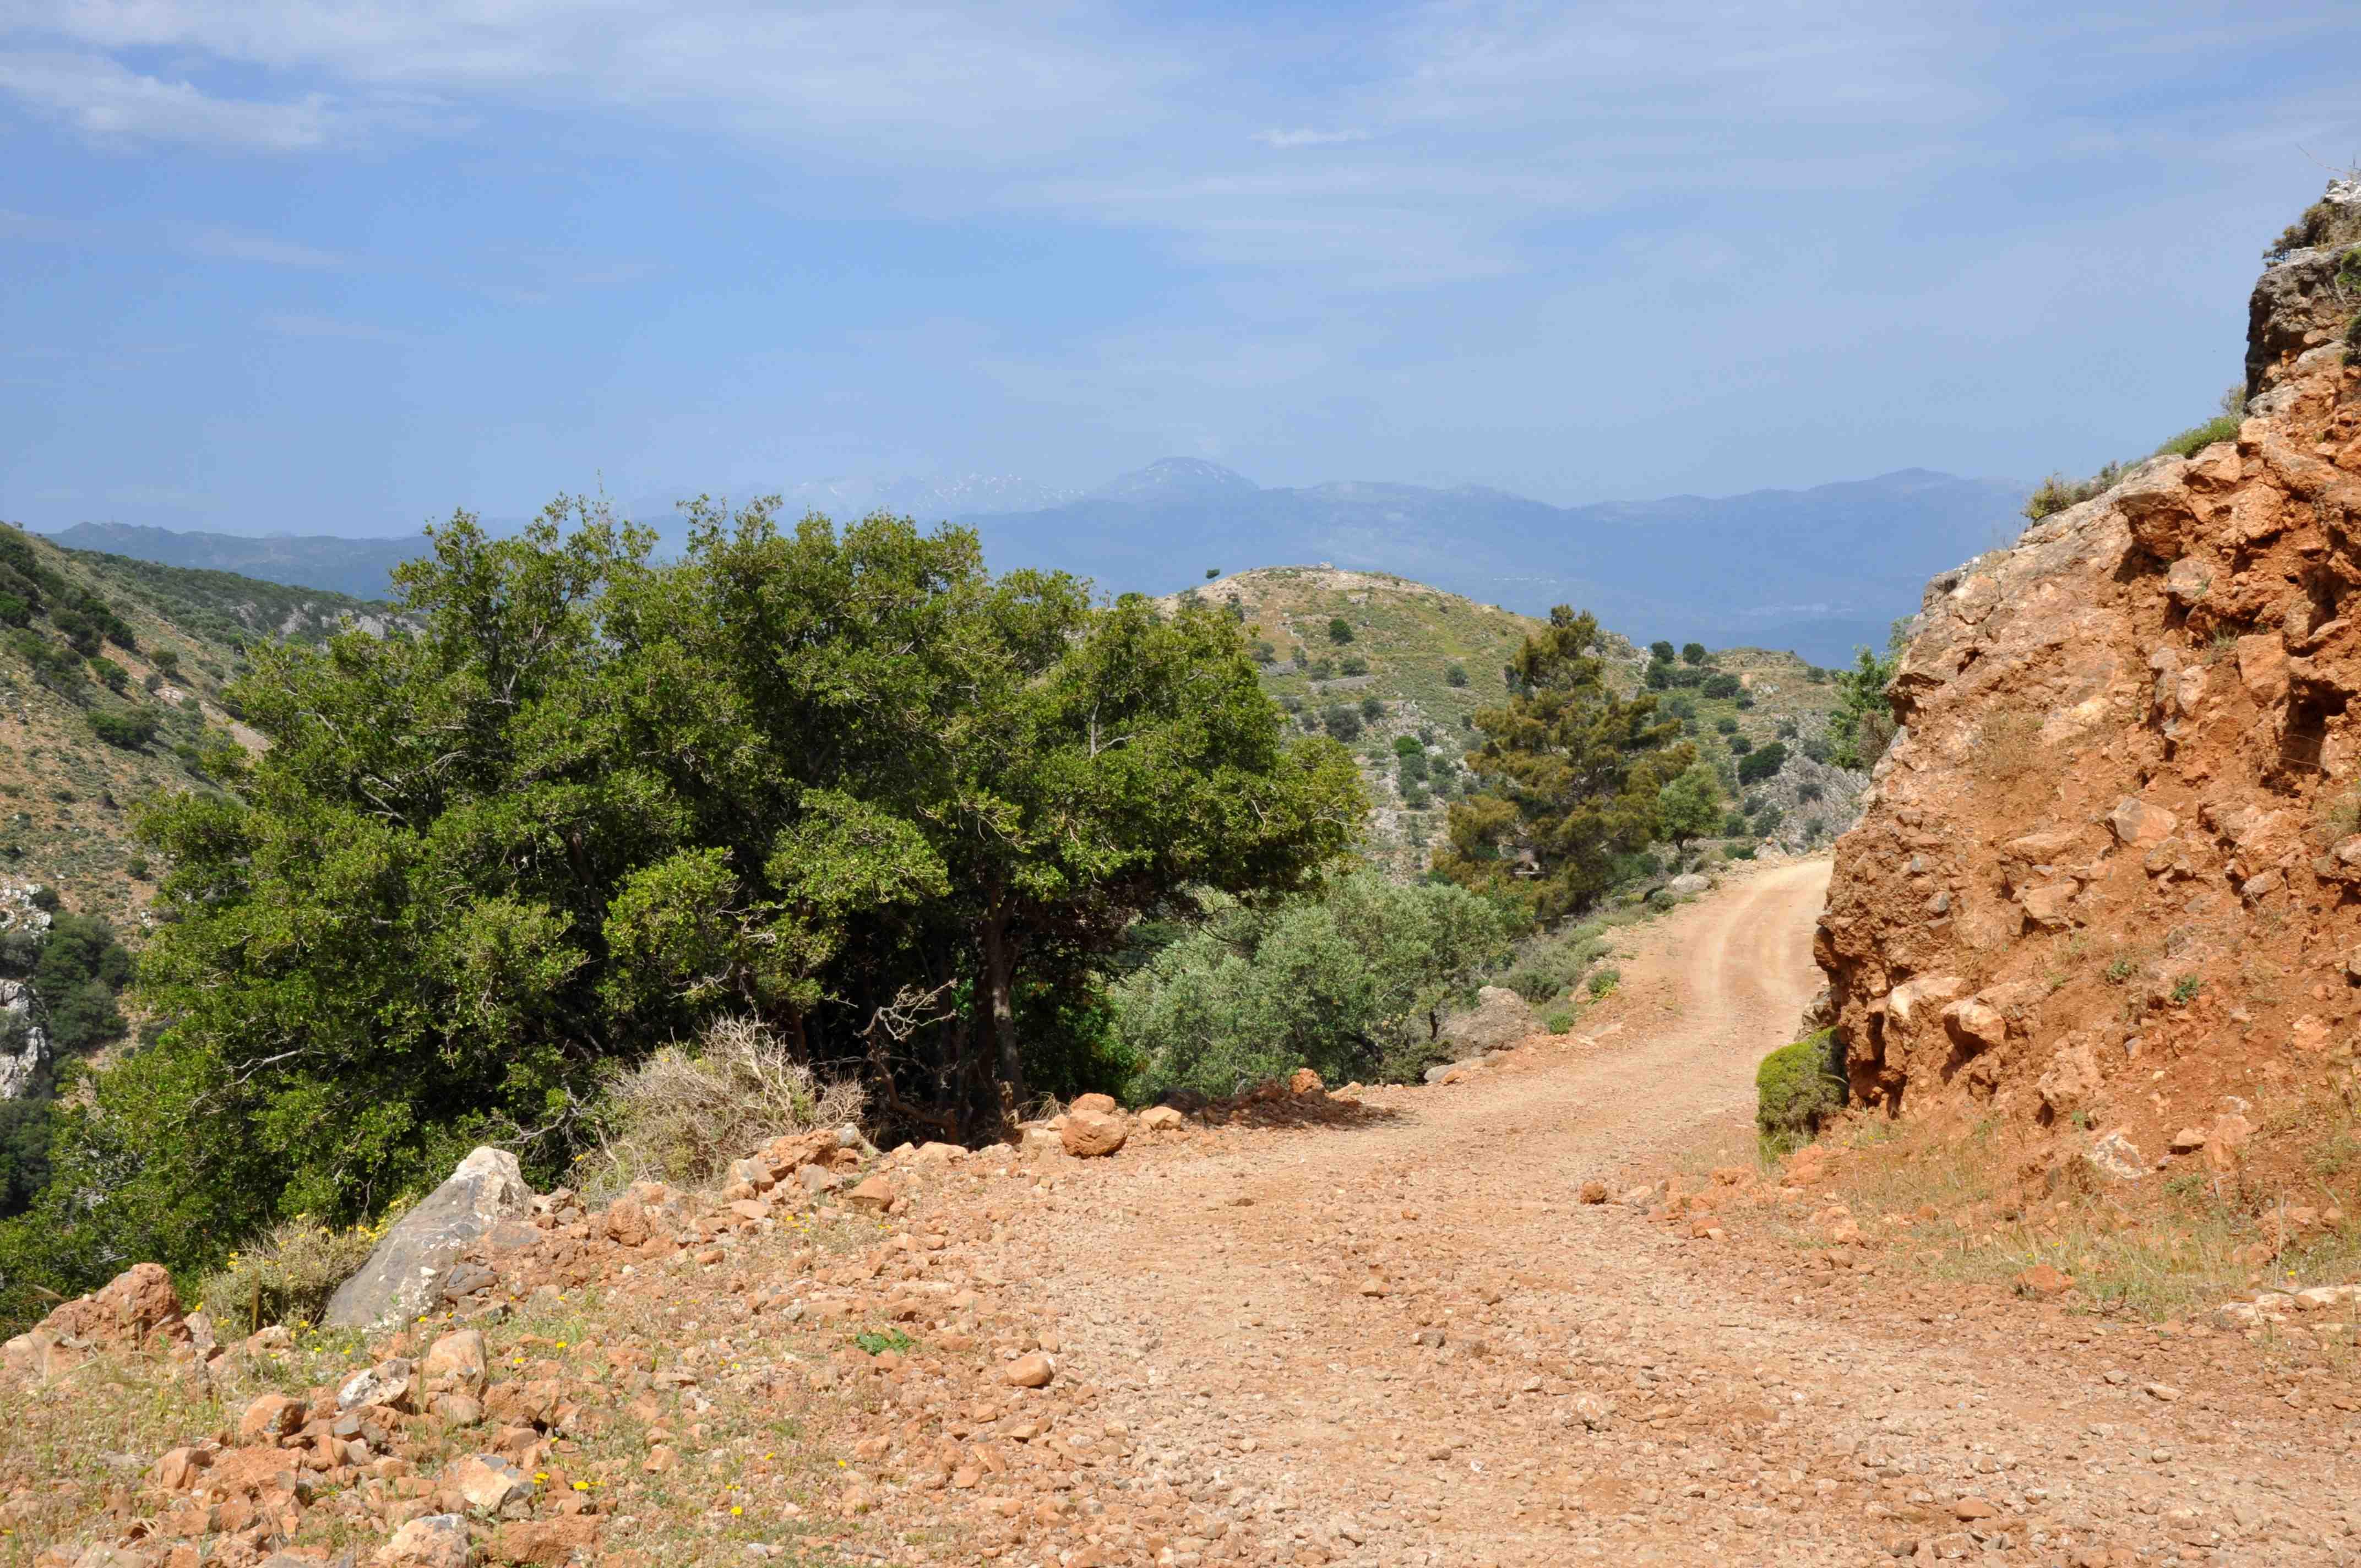 Offroad auf Kreta unterwegs   Land Rover Adventure Tour Greece 2015 sonne land und leute griechenland europa  tui berlin kreta landrover serpentinen